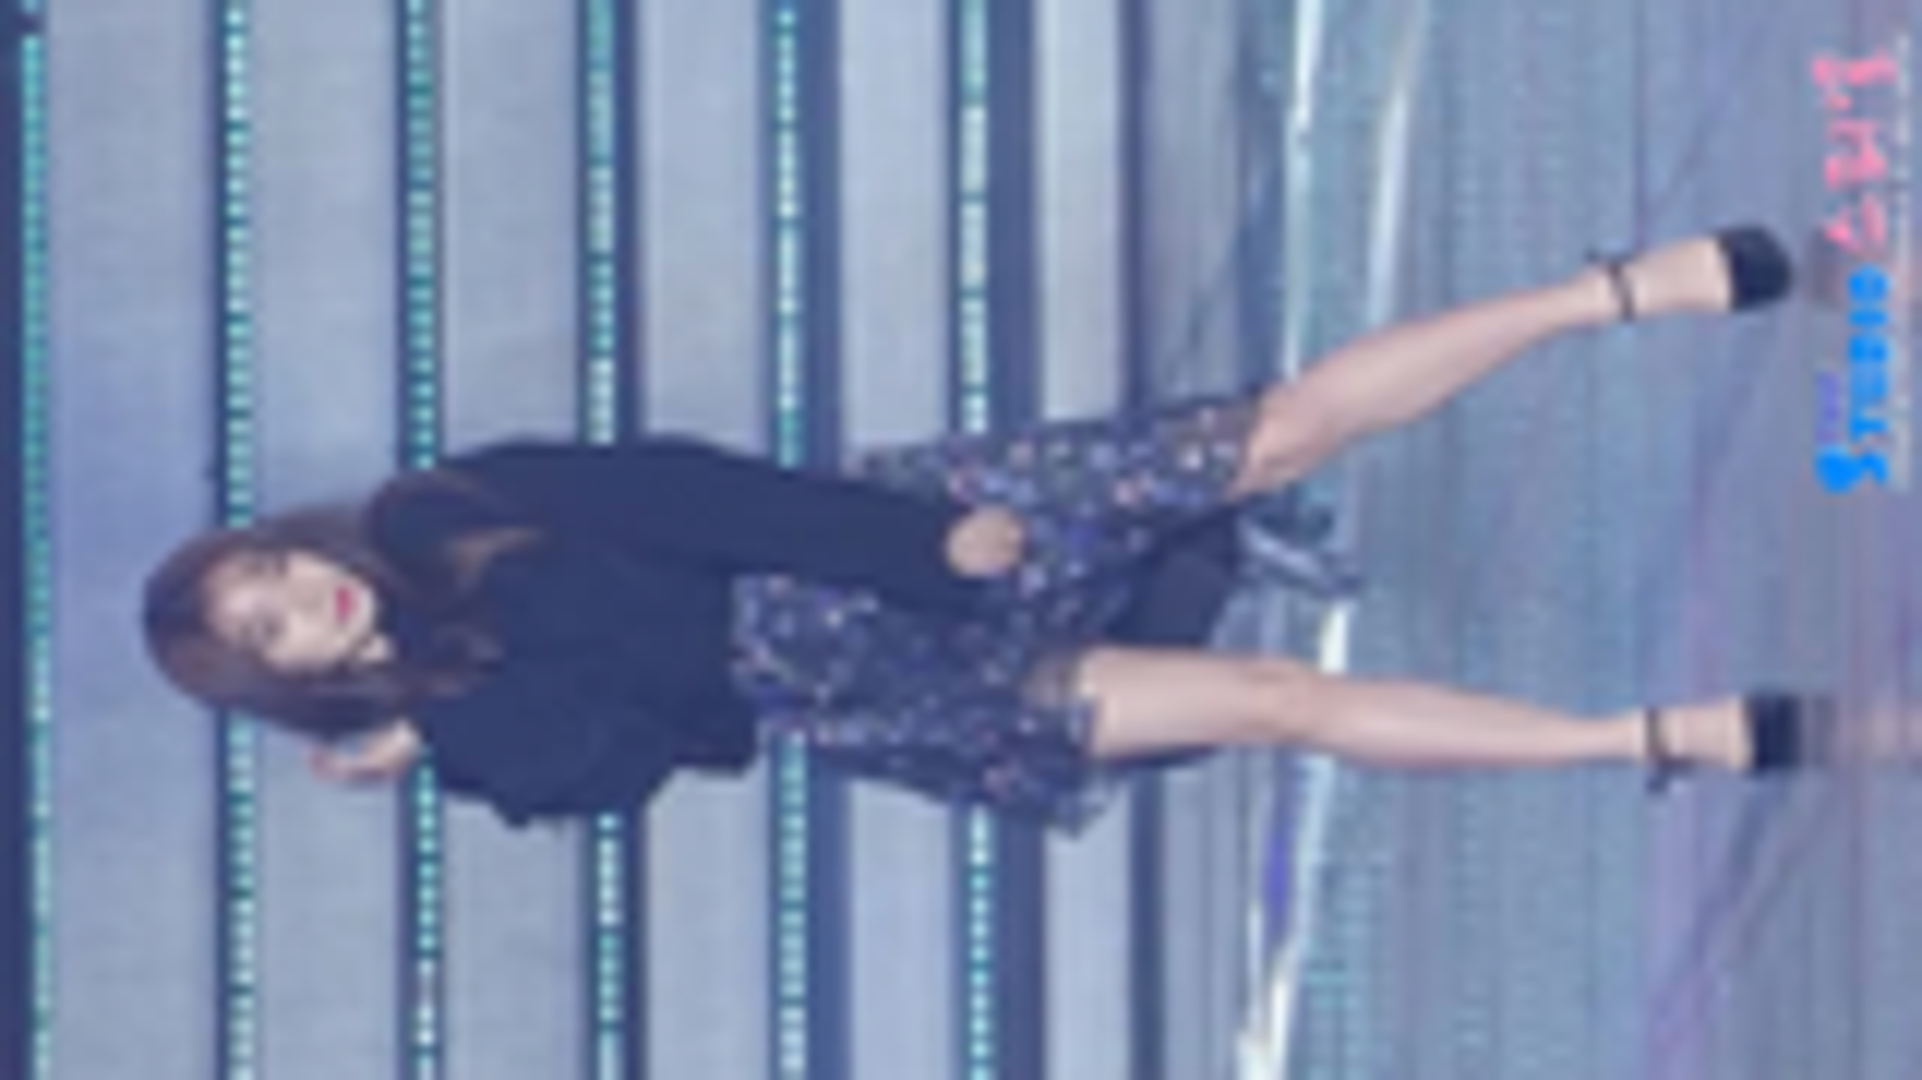 【朴智妍】朴智妍直拍 大长腿啊